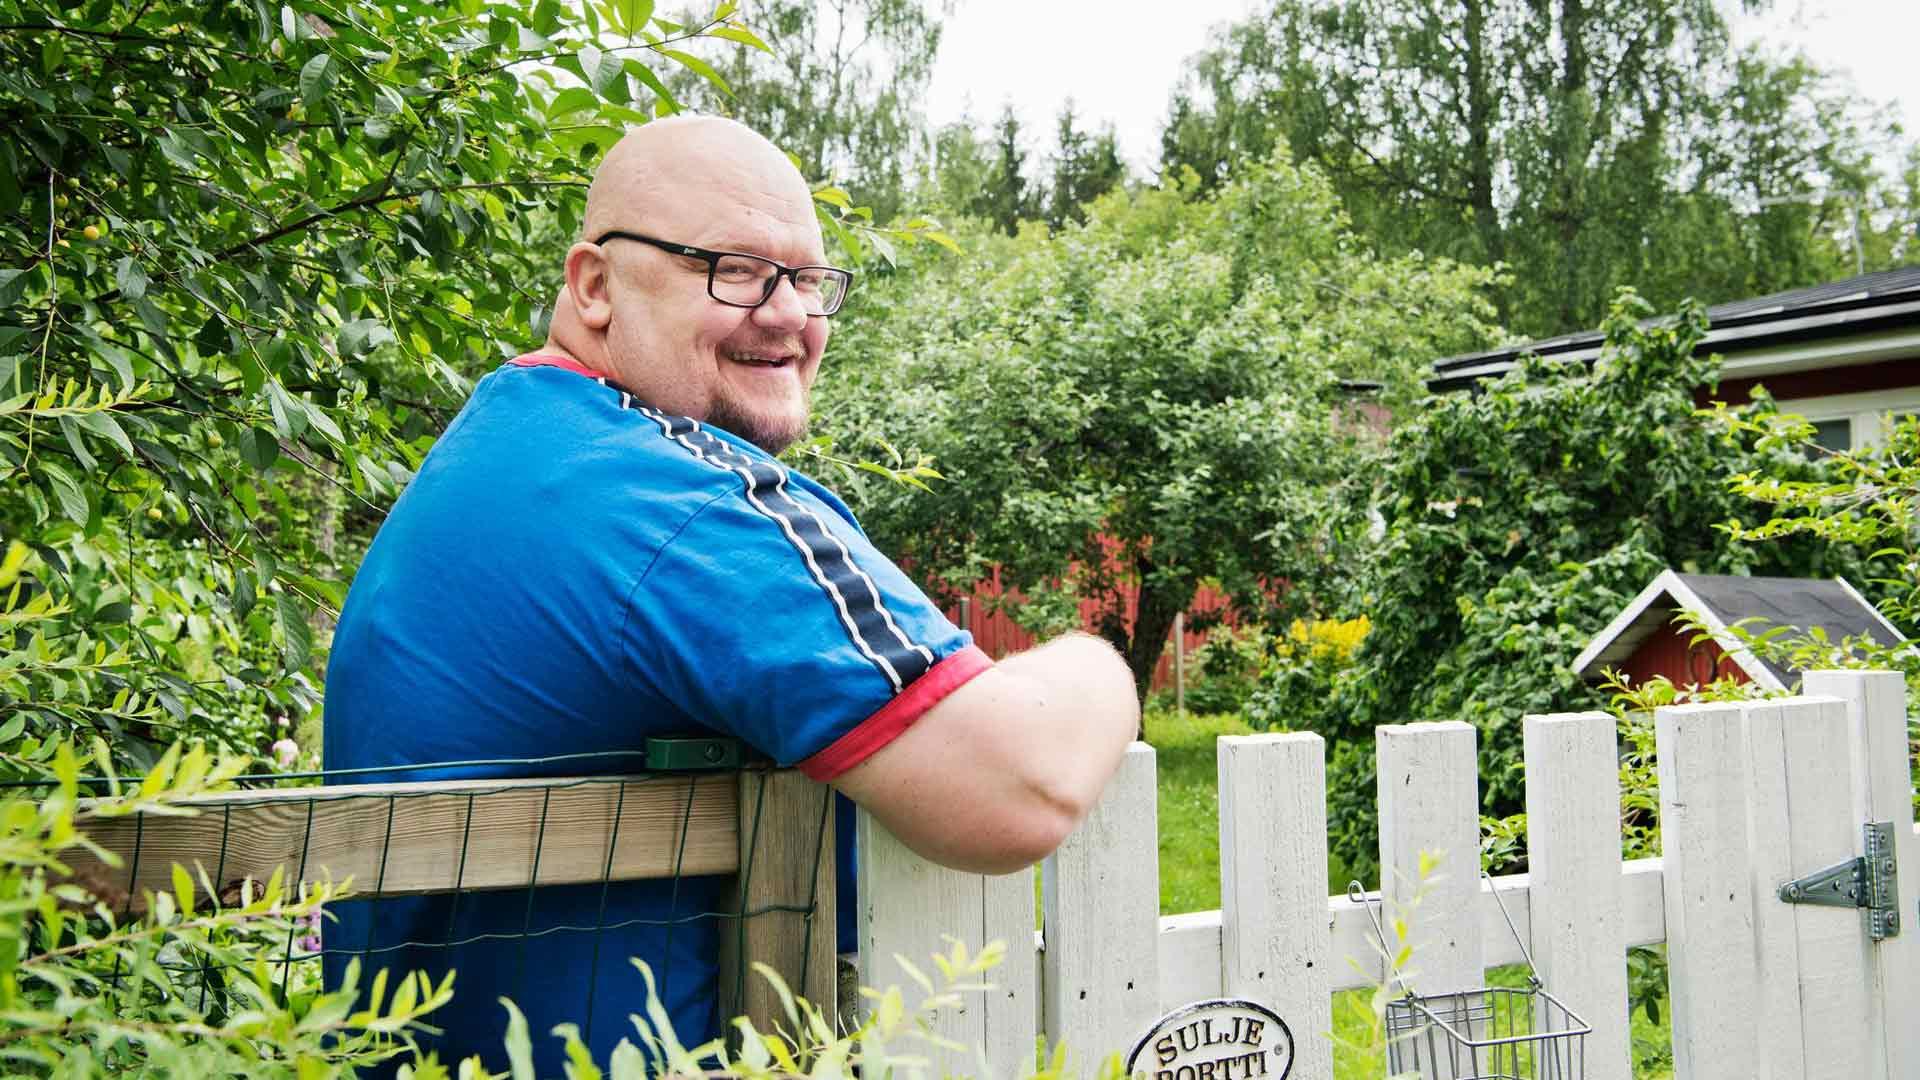 Joni Nyholm kertoo, että heidän perheensä muutti Lahelanrinteeseen luonnon takia.